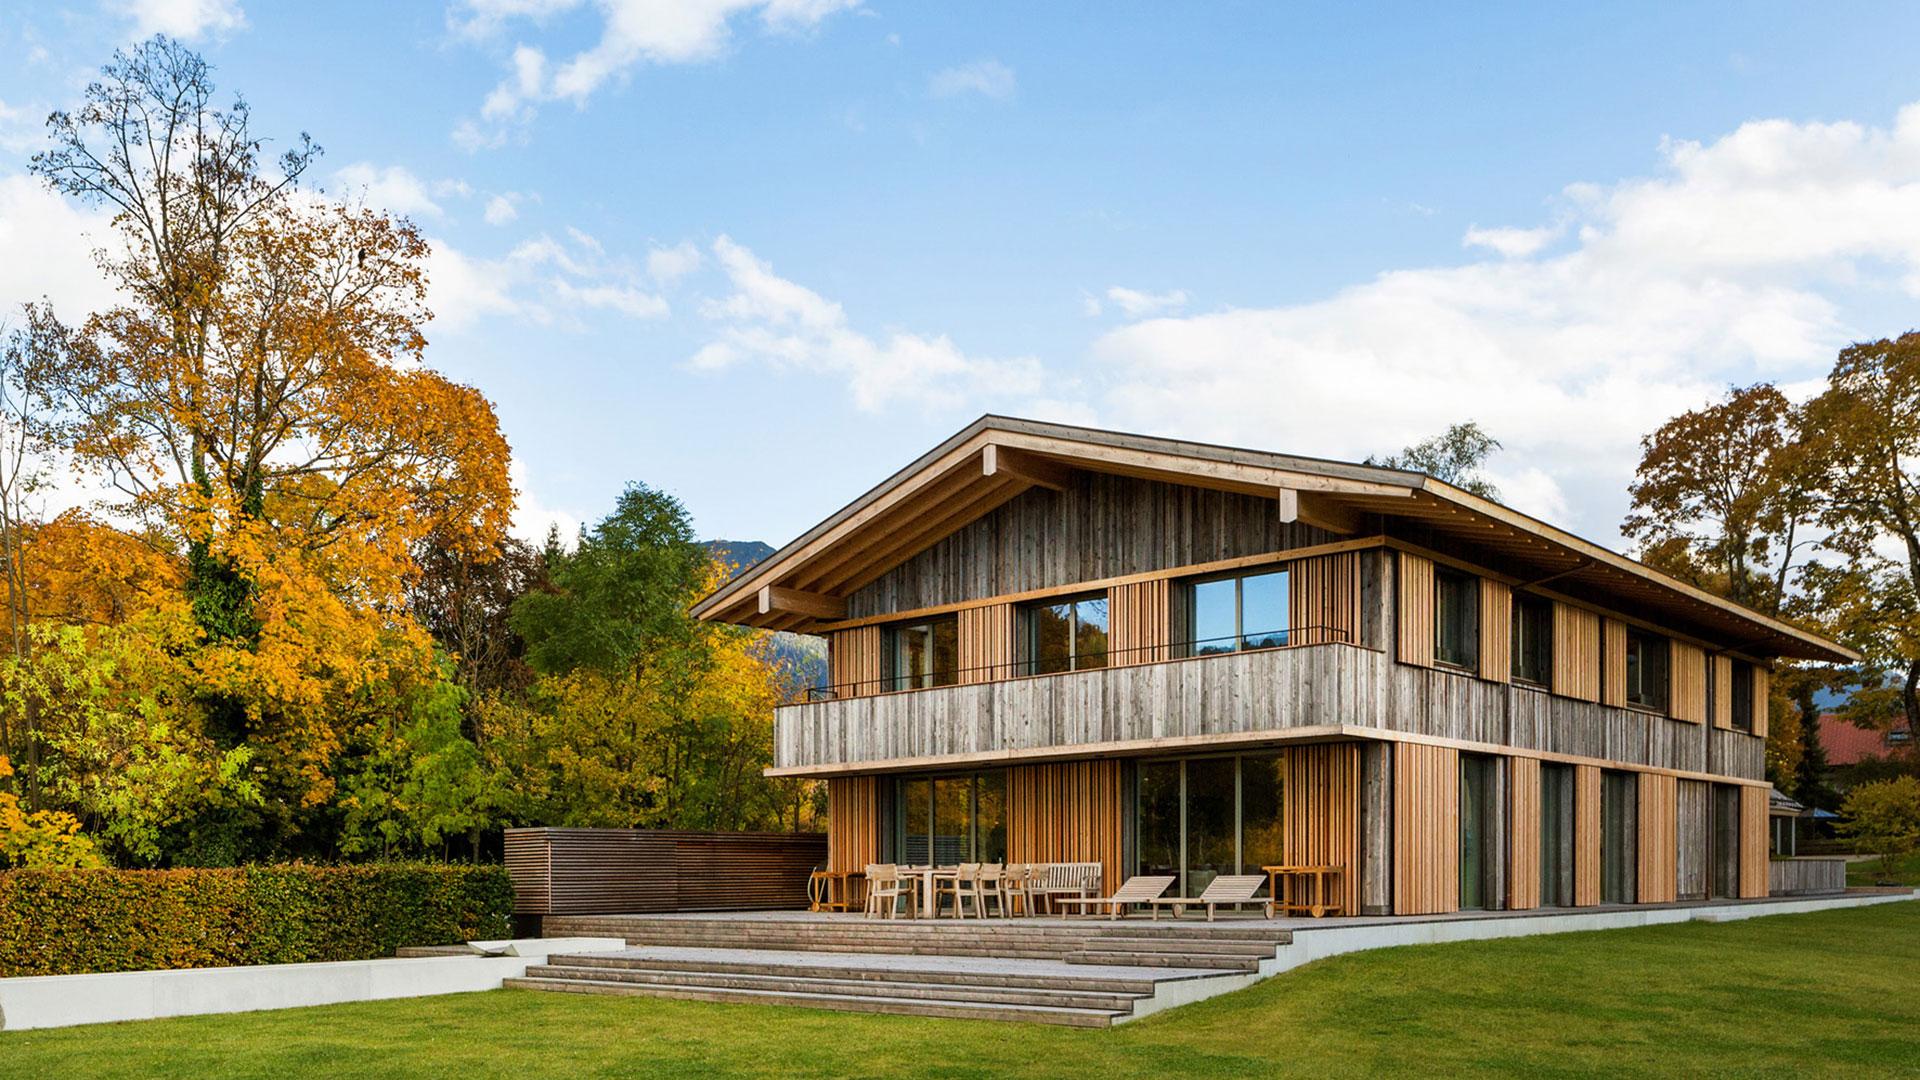 Moderne Villa mit Holzfassade und Terrasse.